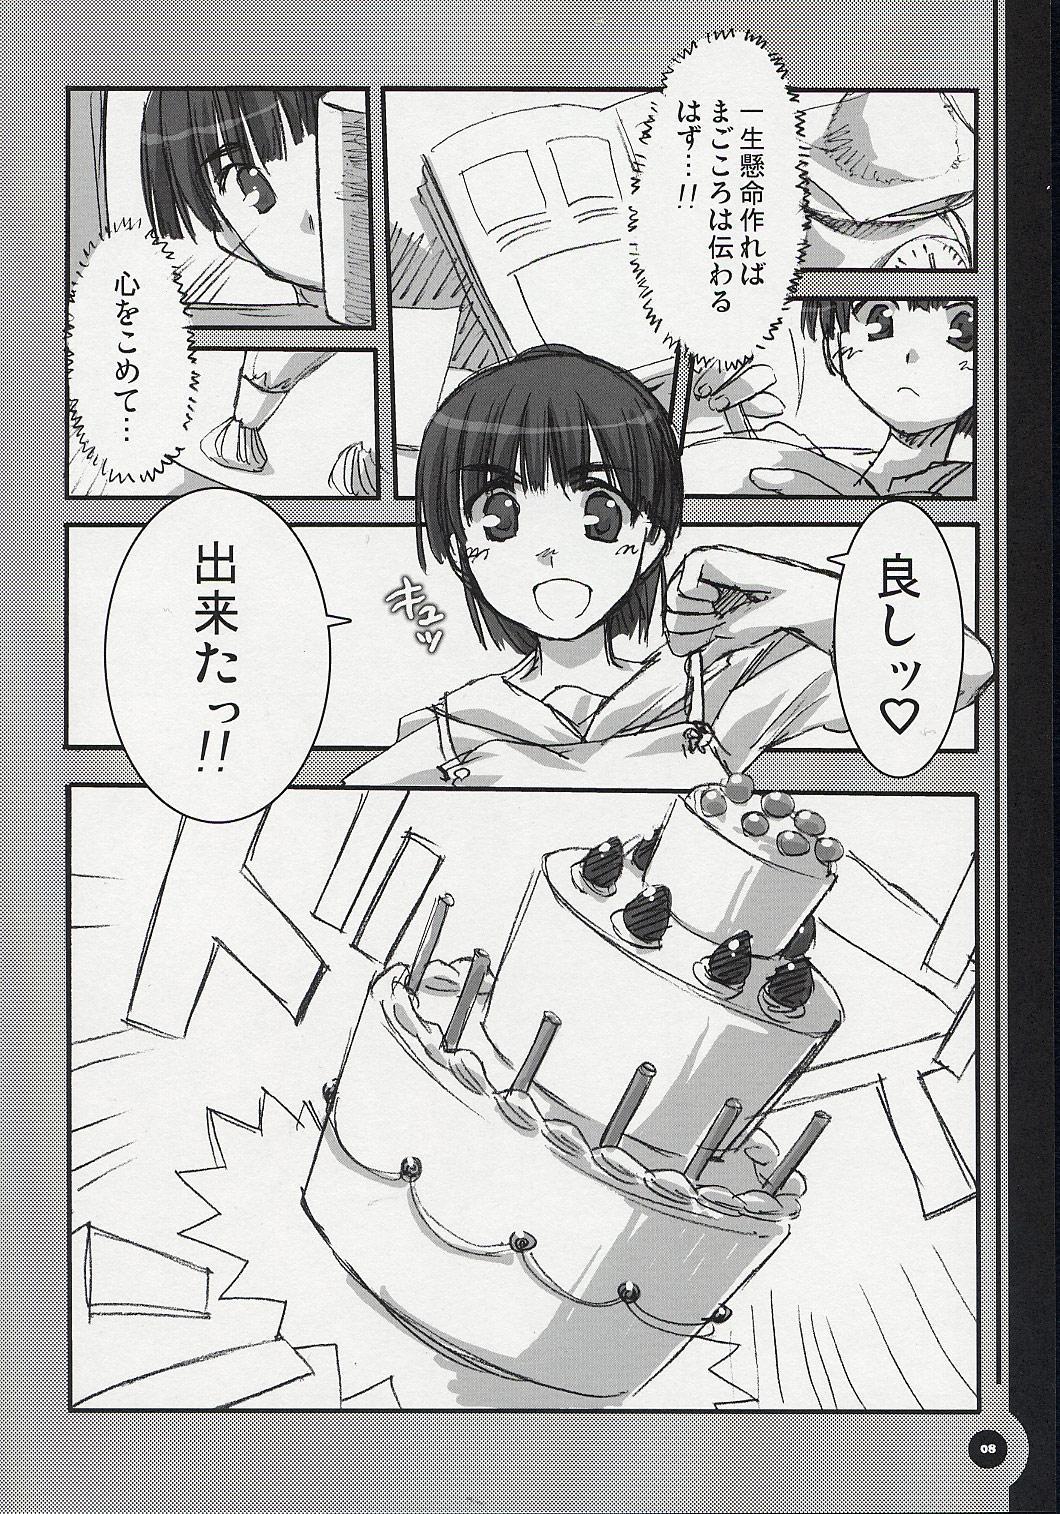 Chugakusei Shuubouhon 6